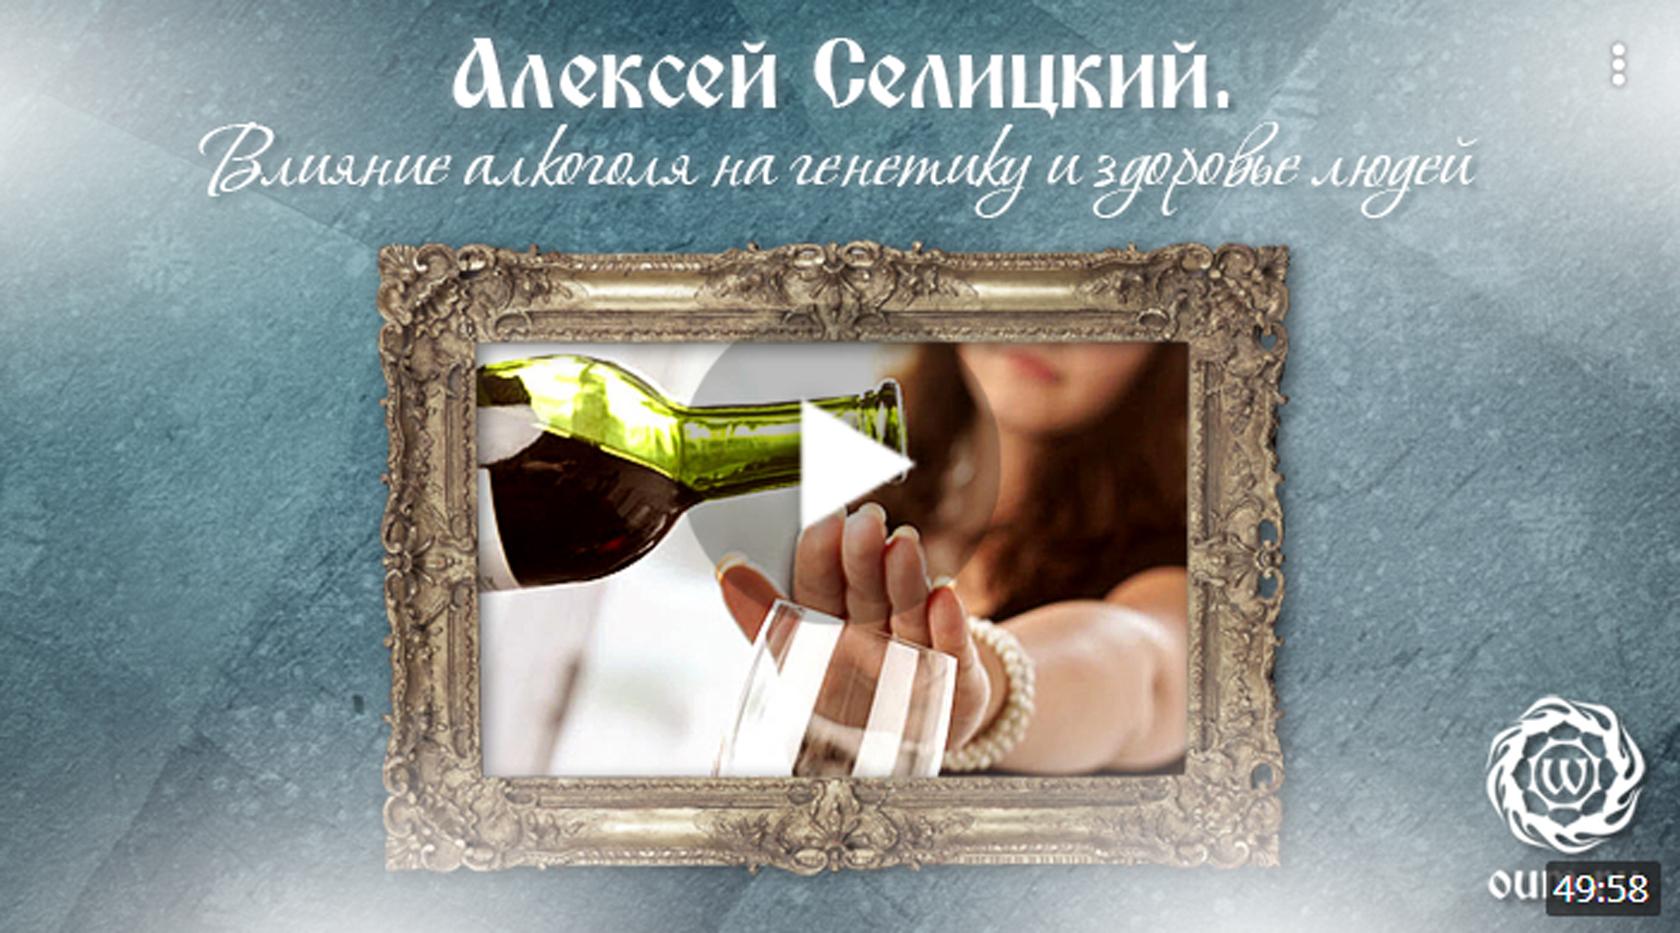 Алкогольное рабство: пьяным народом проще управлять